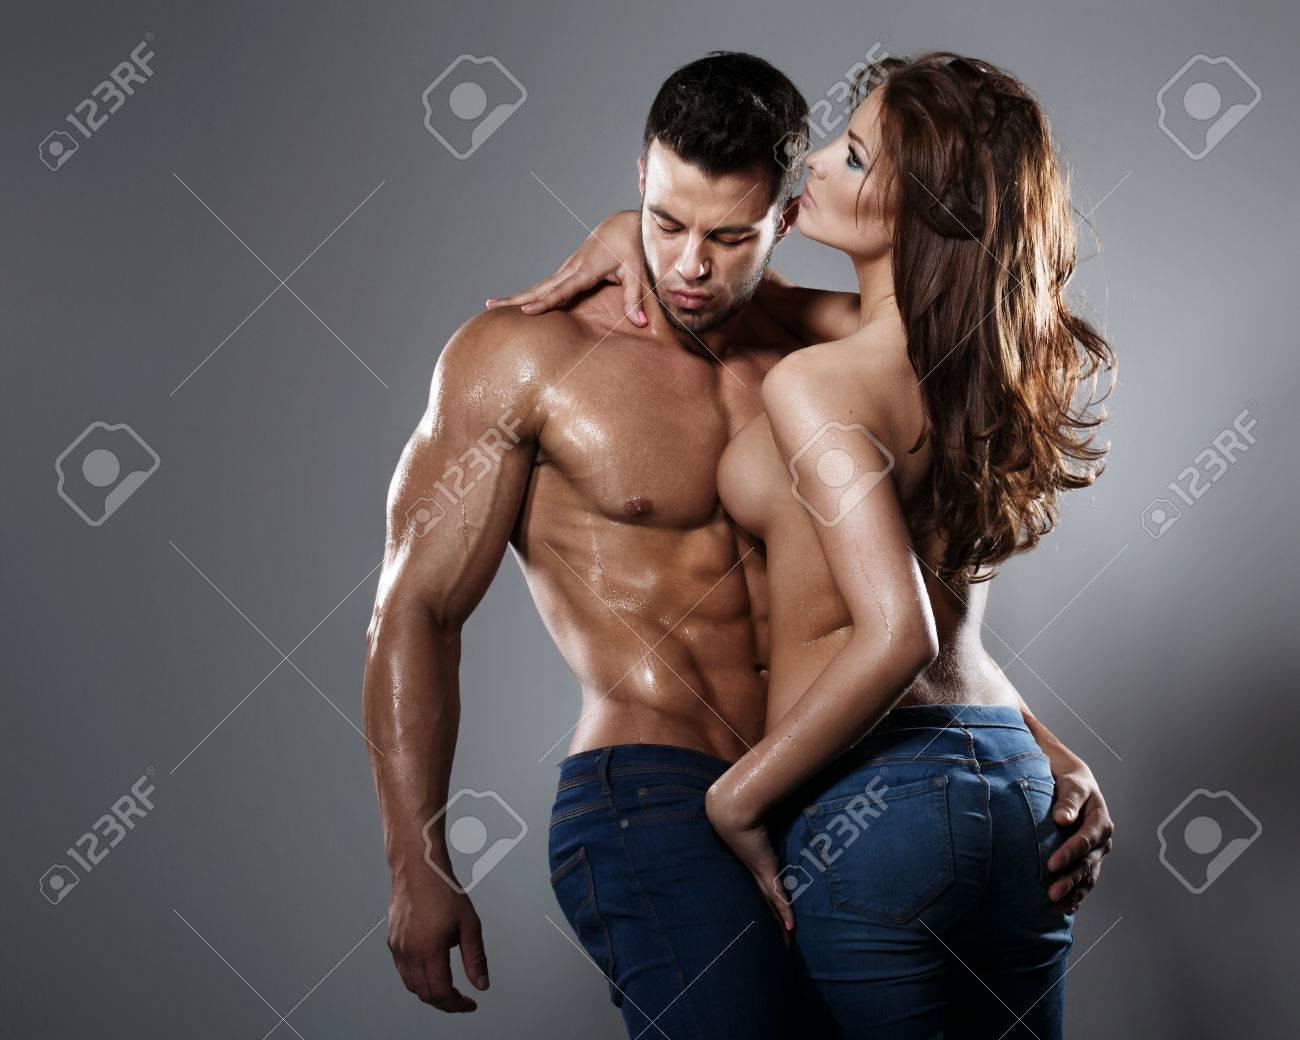 Фото страсть мужчина женщина 16 фотография